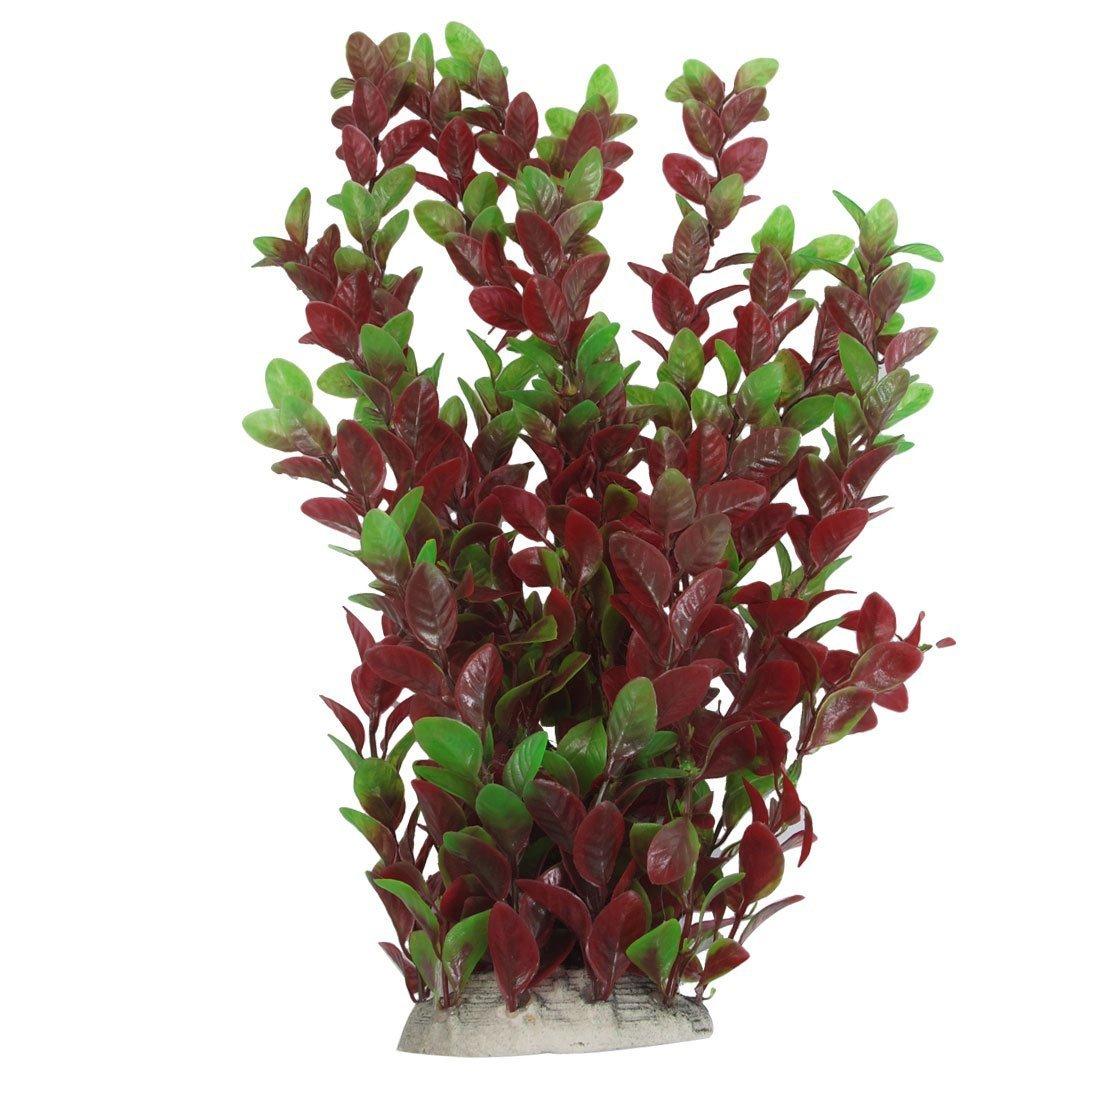 SODIAL (R) 40cm Pianta di plastica foglie verde rosse ornamento per Acquario SODIAL(R)